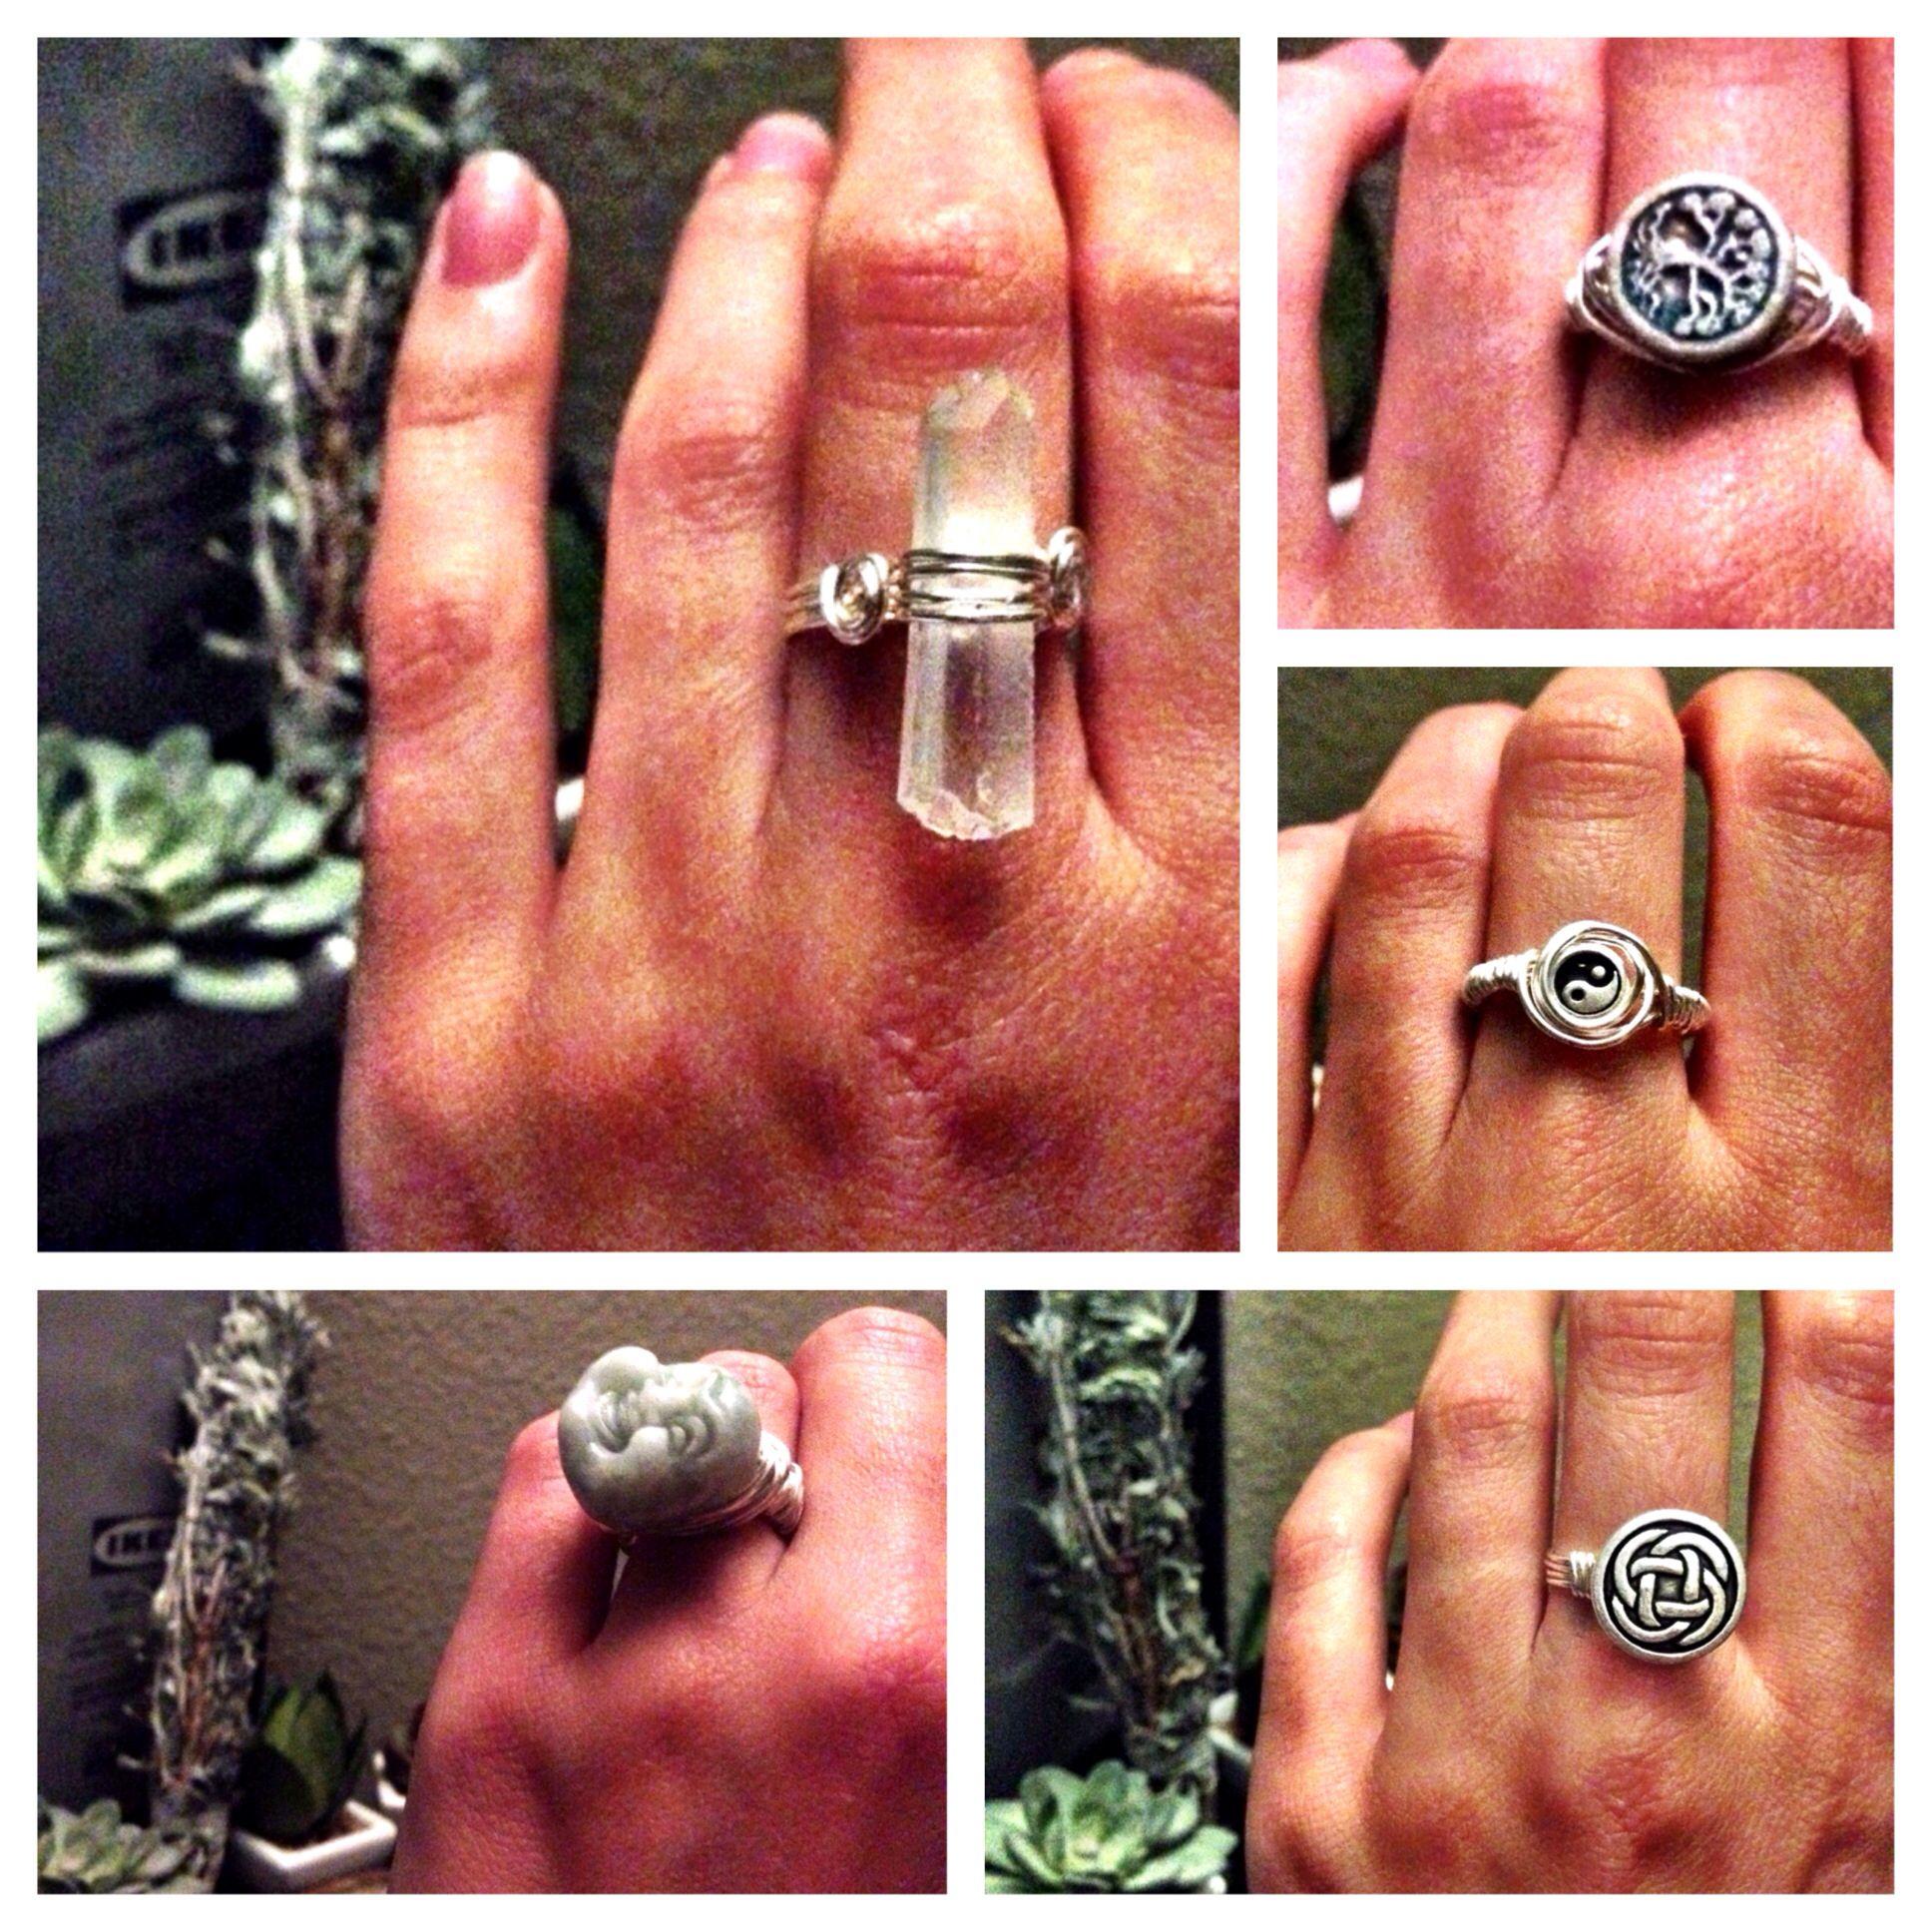 Ring making. Jade Buddha. Yin Yang. Tree of life. Quartz crystal. Celtic.